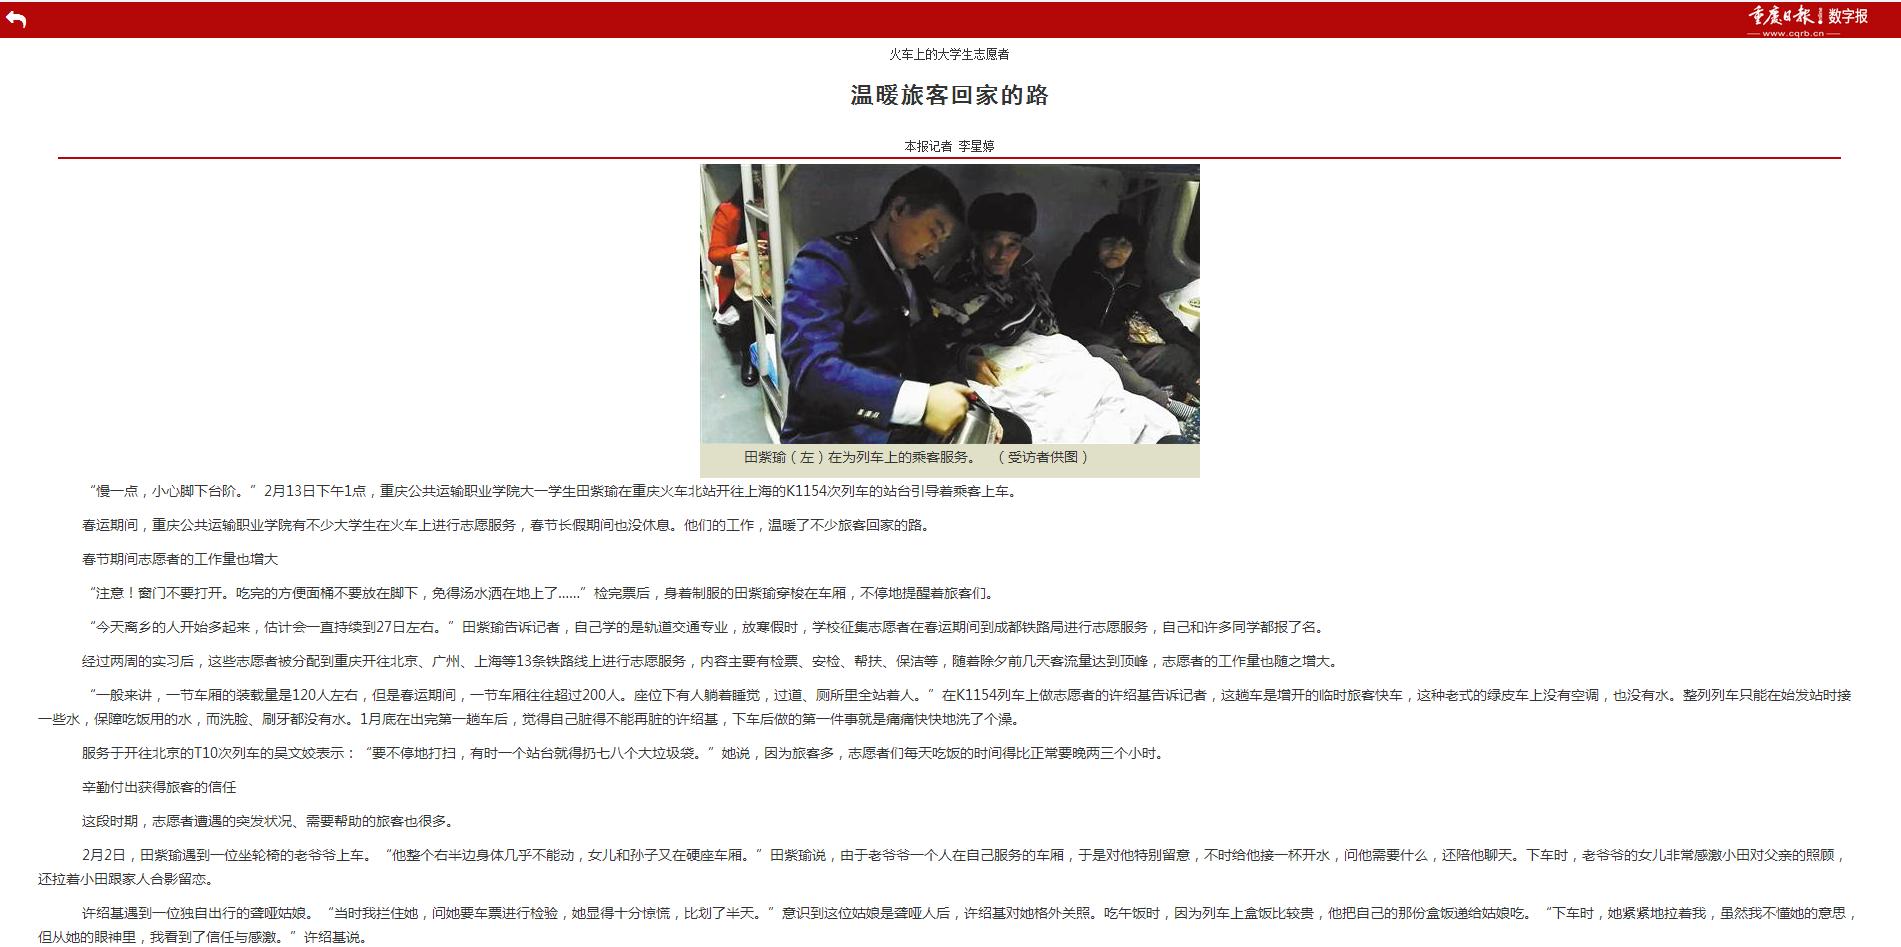 【重庆日报】火车上的大学生志愿者——温暖旅客回家的路